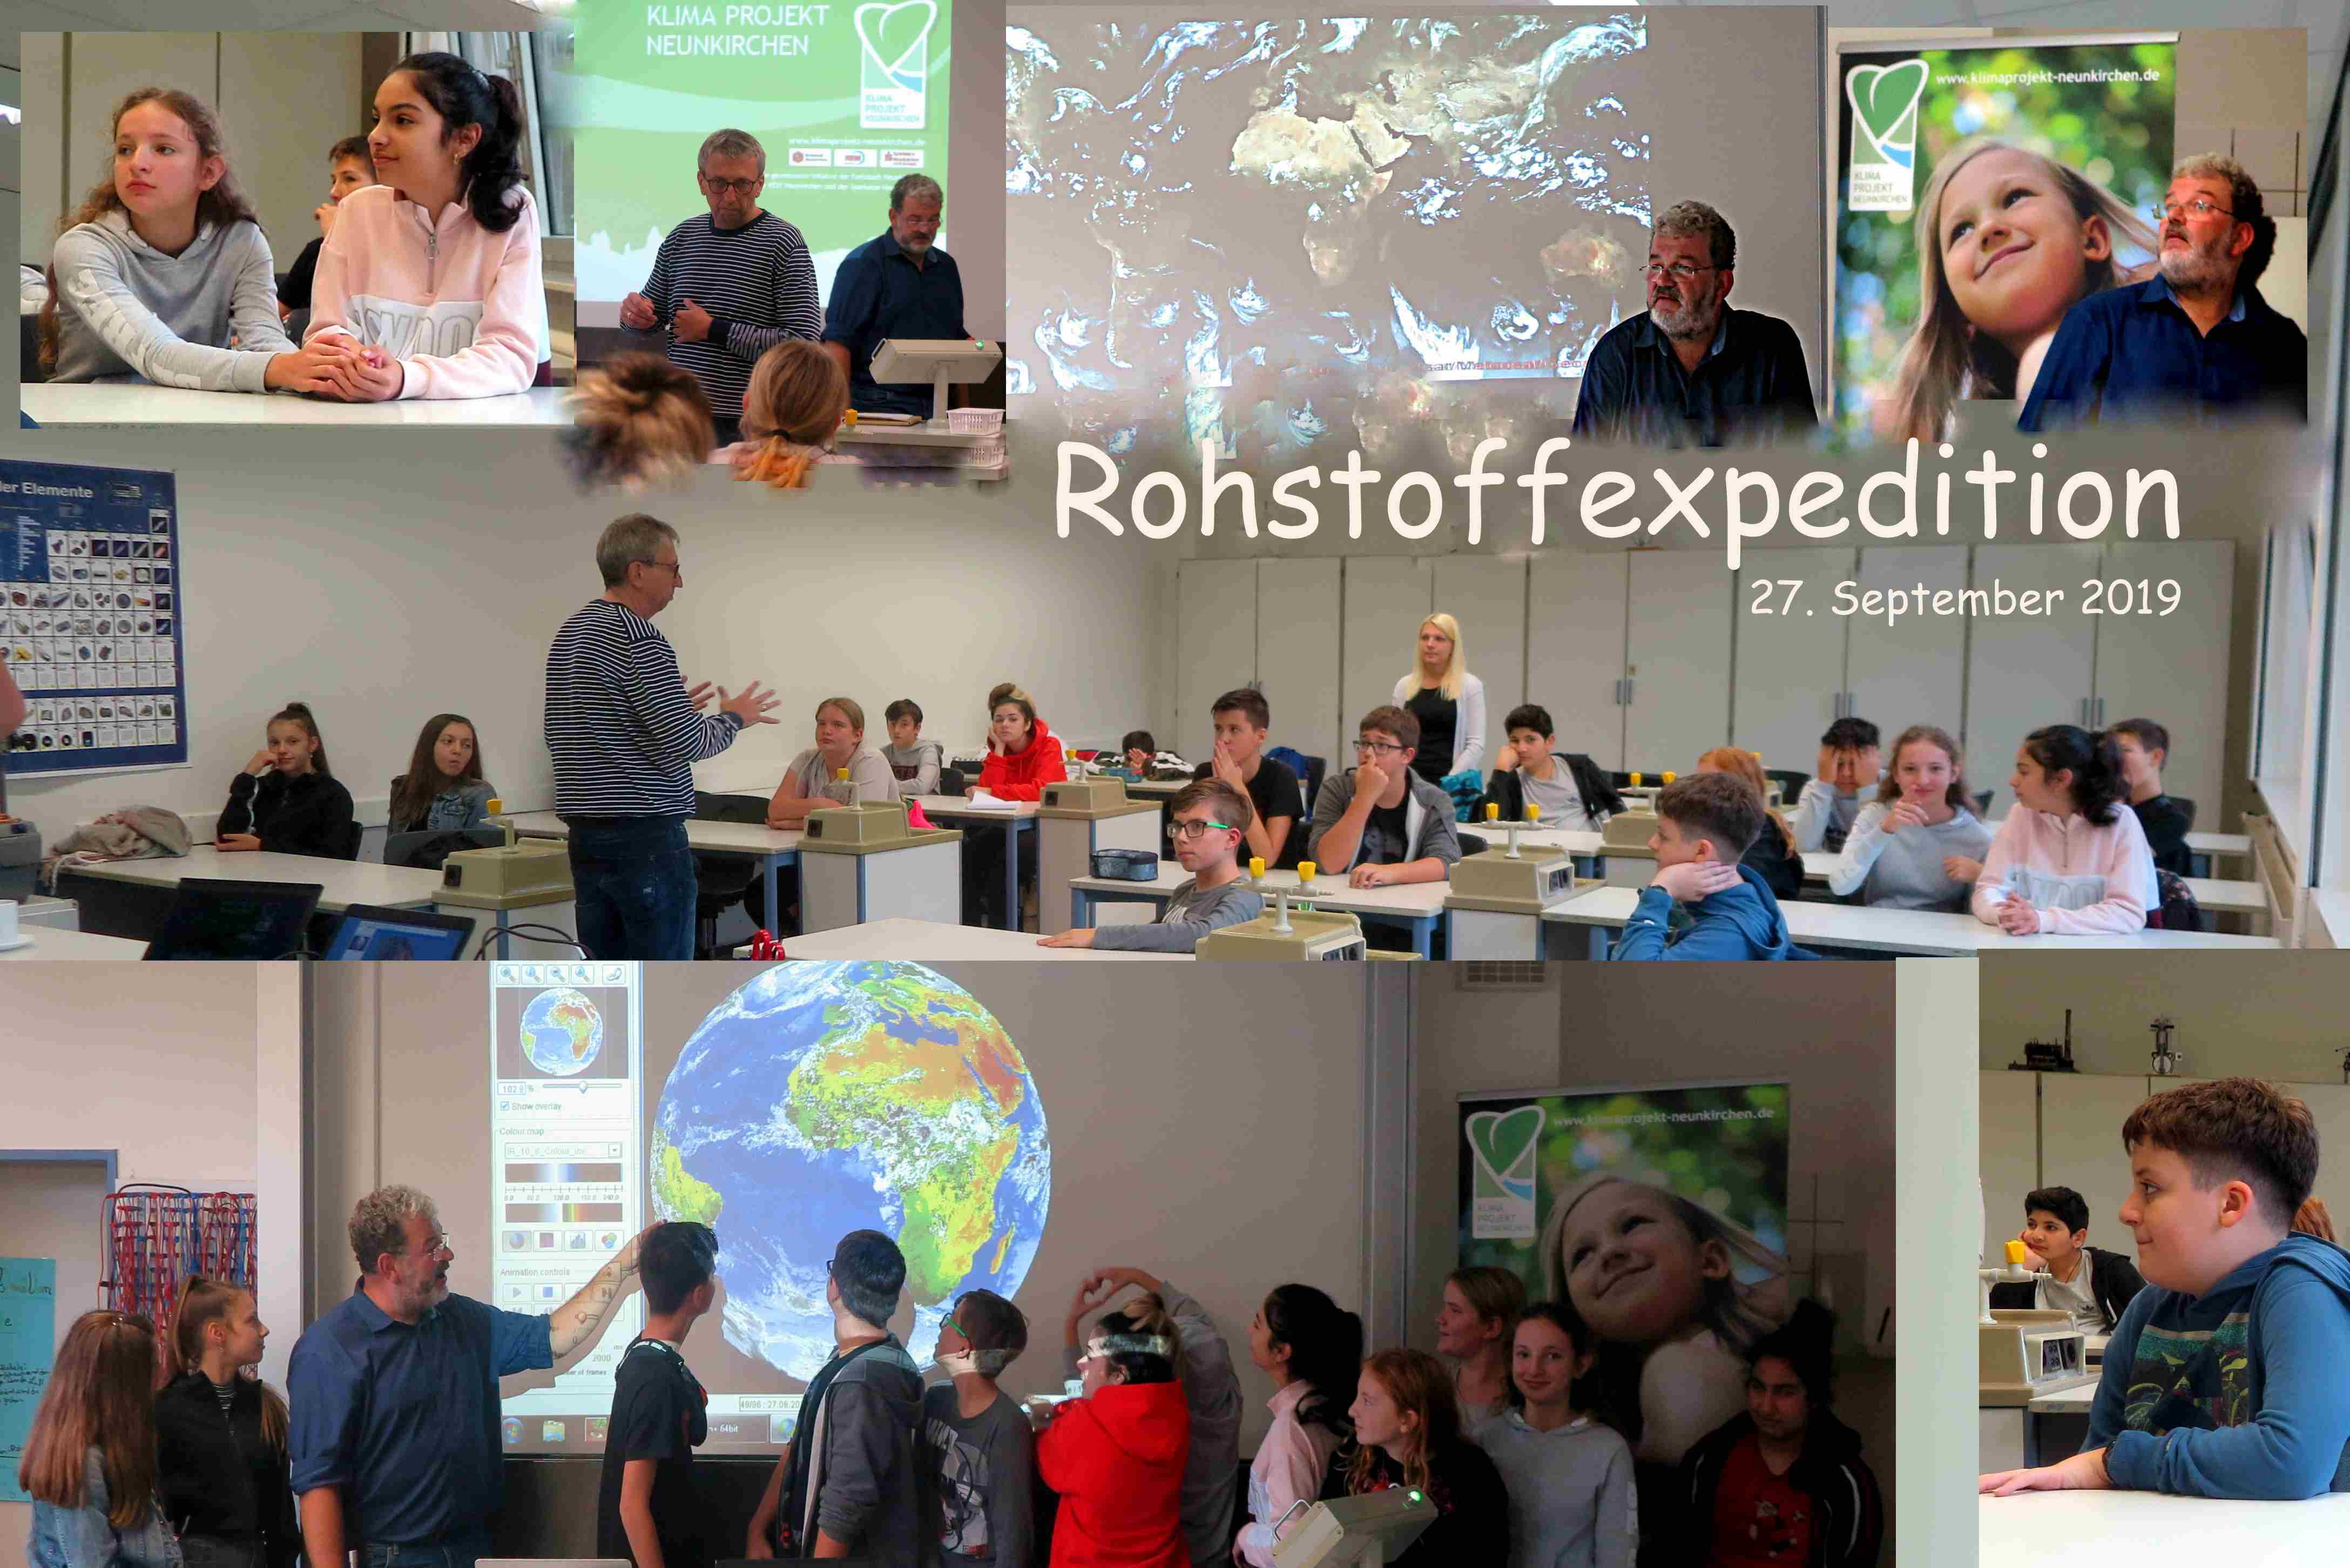 Verantwortung kommt nicht von ungefähr – Die Alex-Deutsch-Schule als Dauergast bei der Rohstoffexpedition